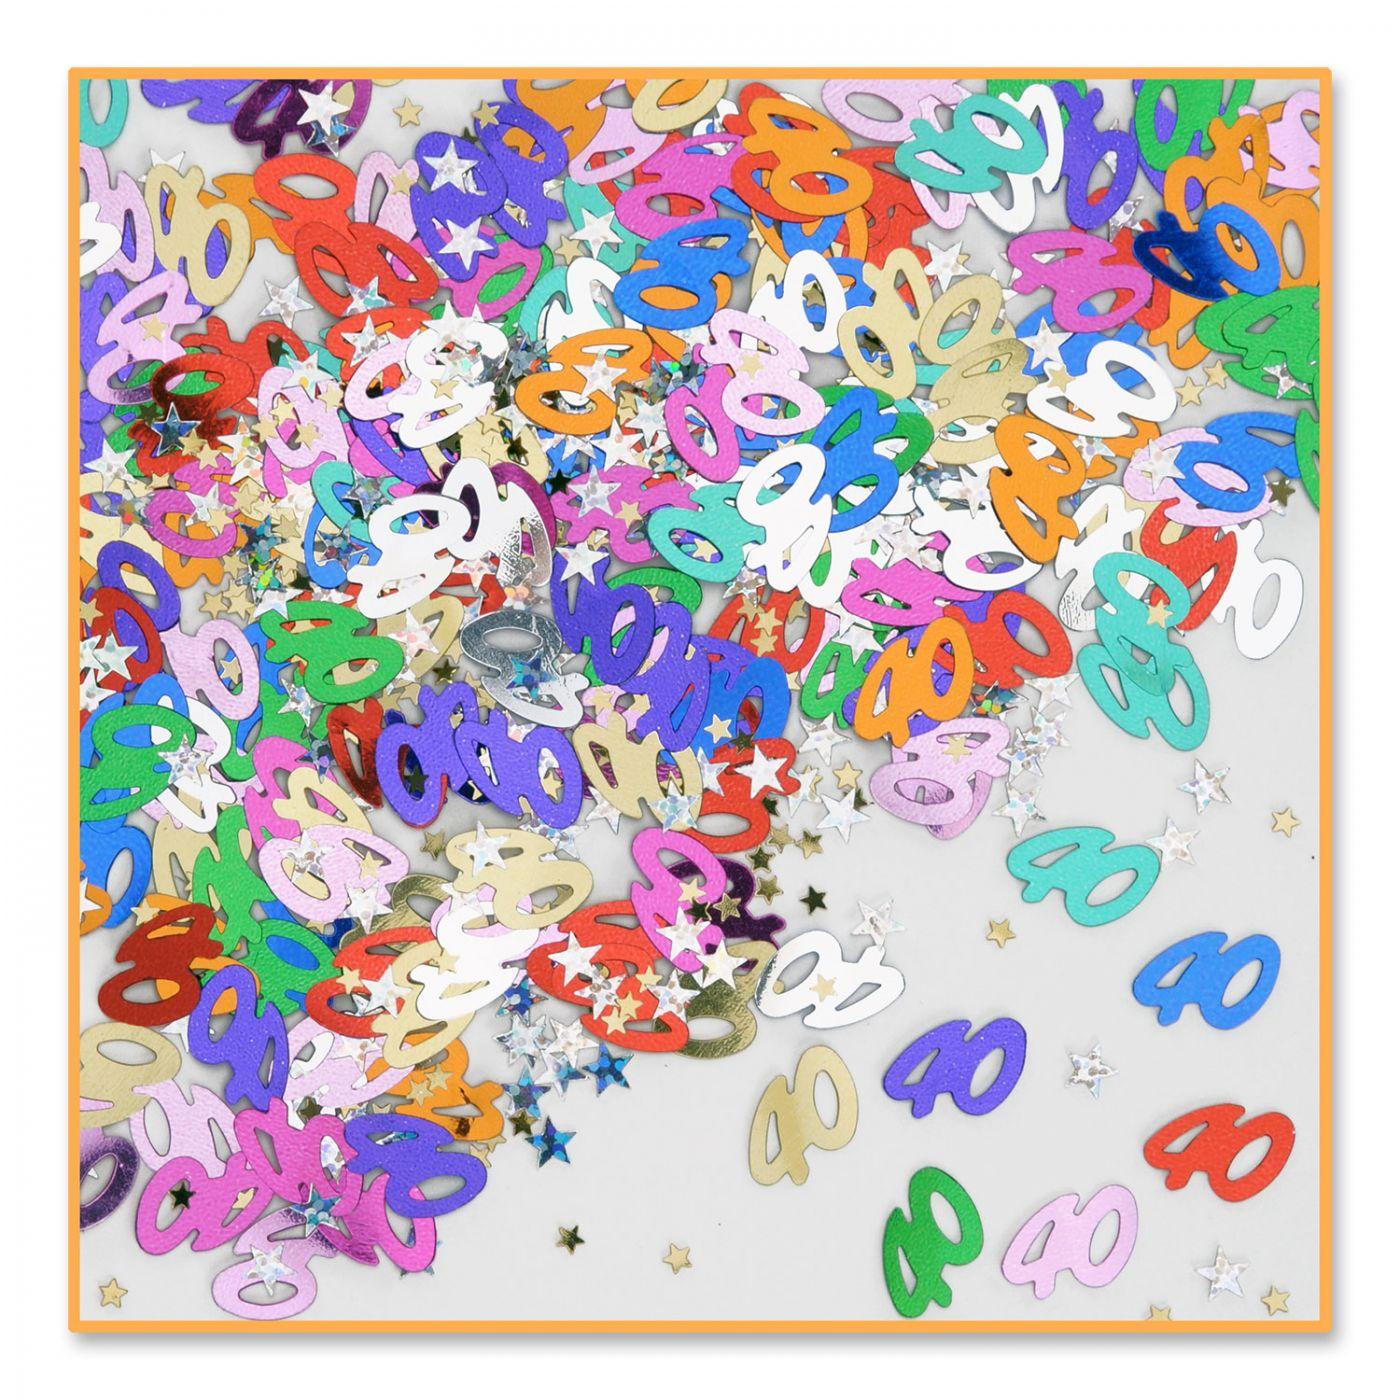 40 & Stars Confetti (6) image